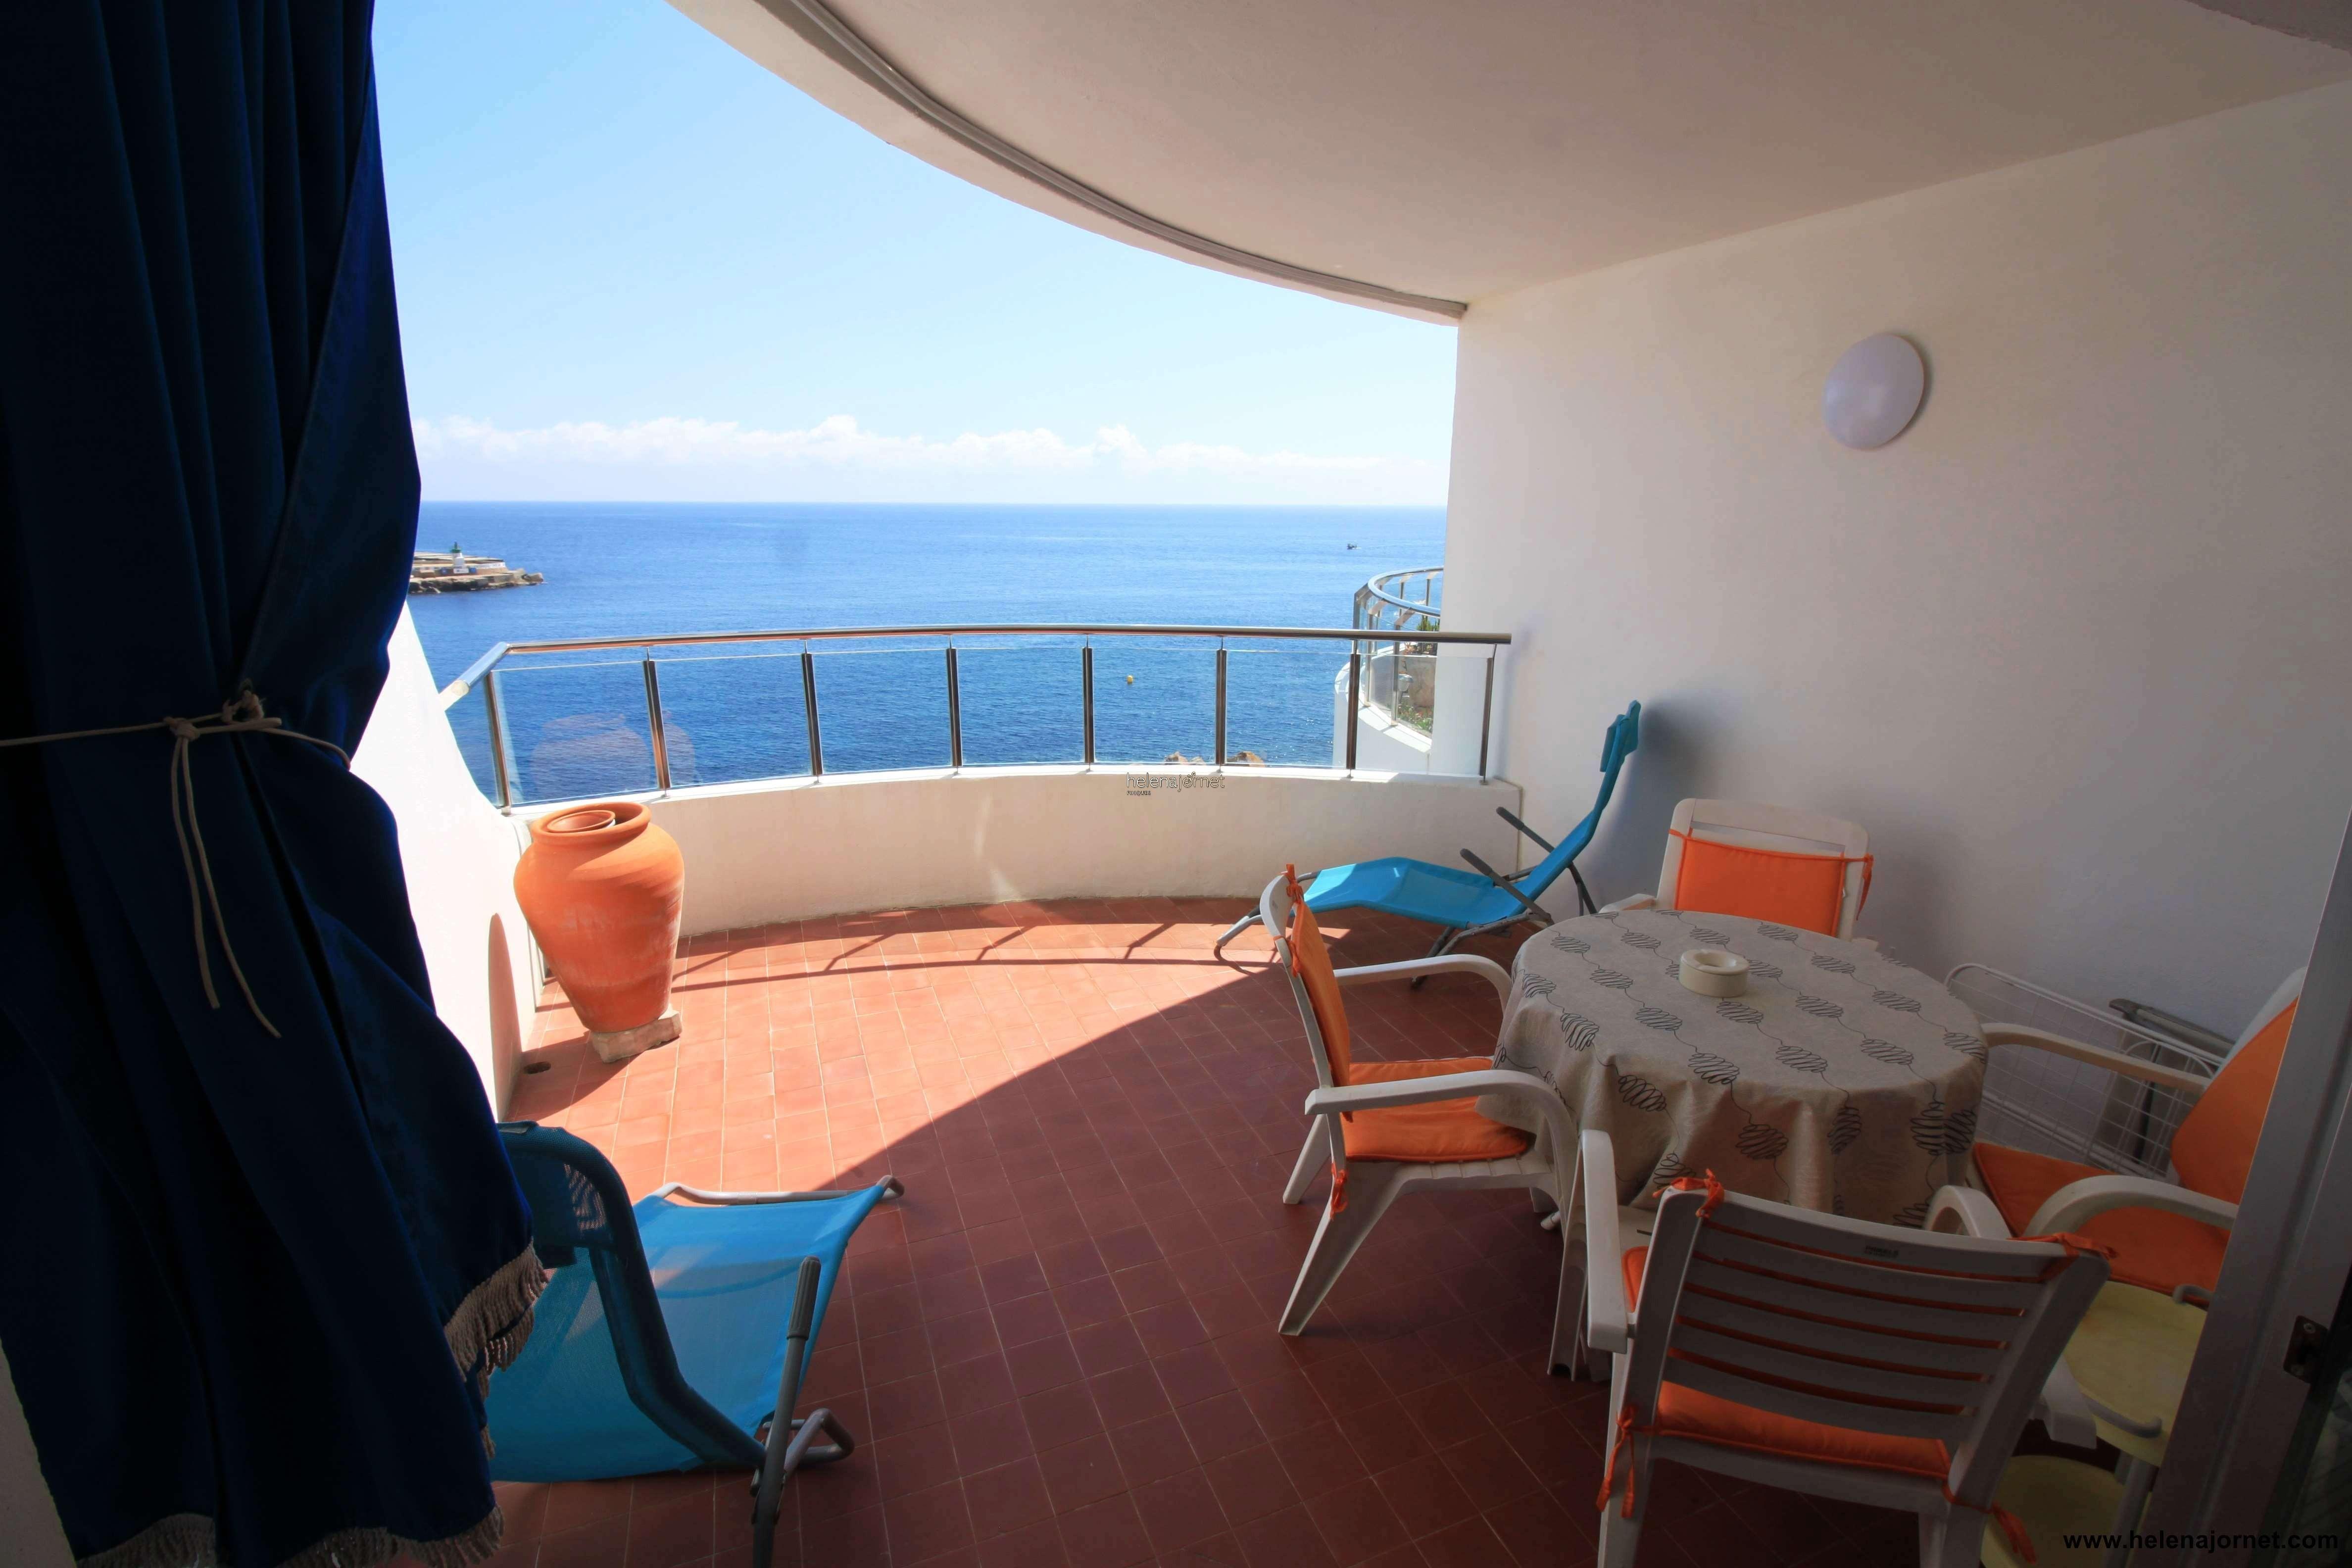 Apartament  situat davant de mar - 70025 Club de Mar